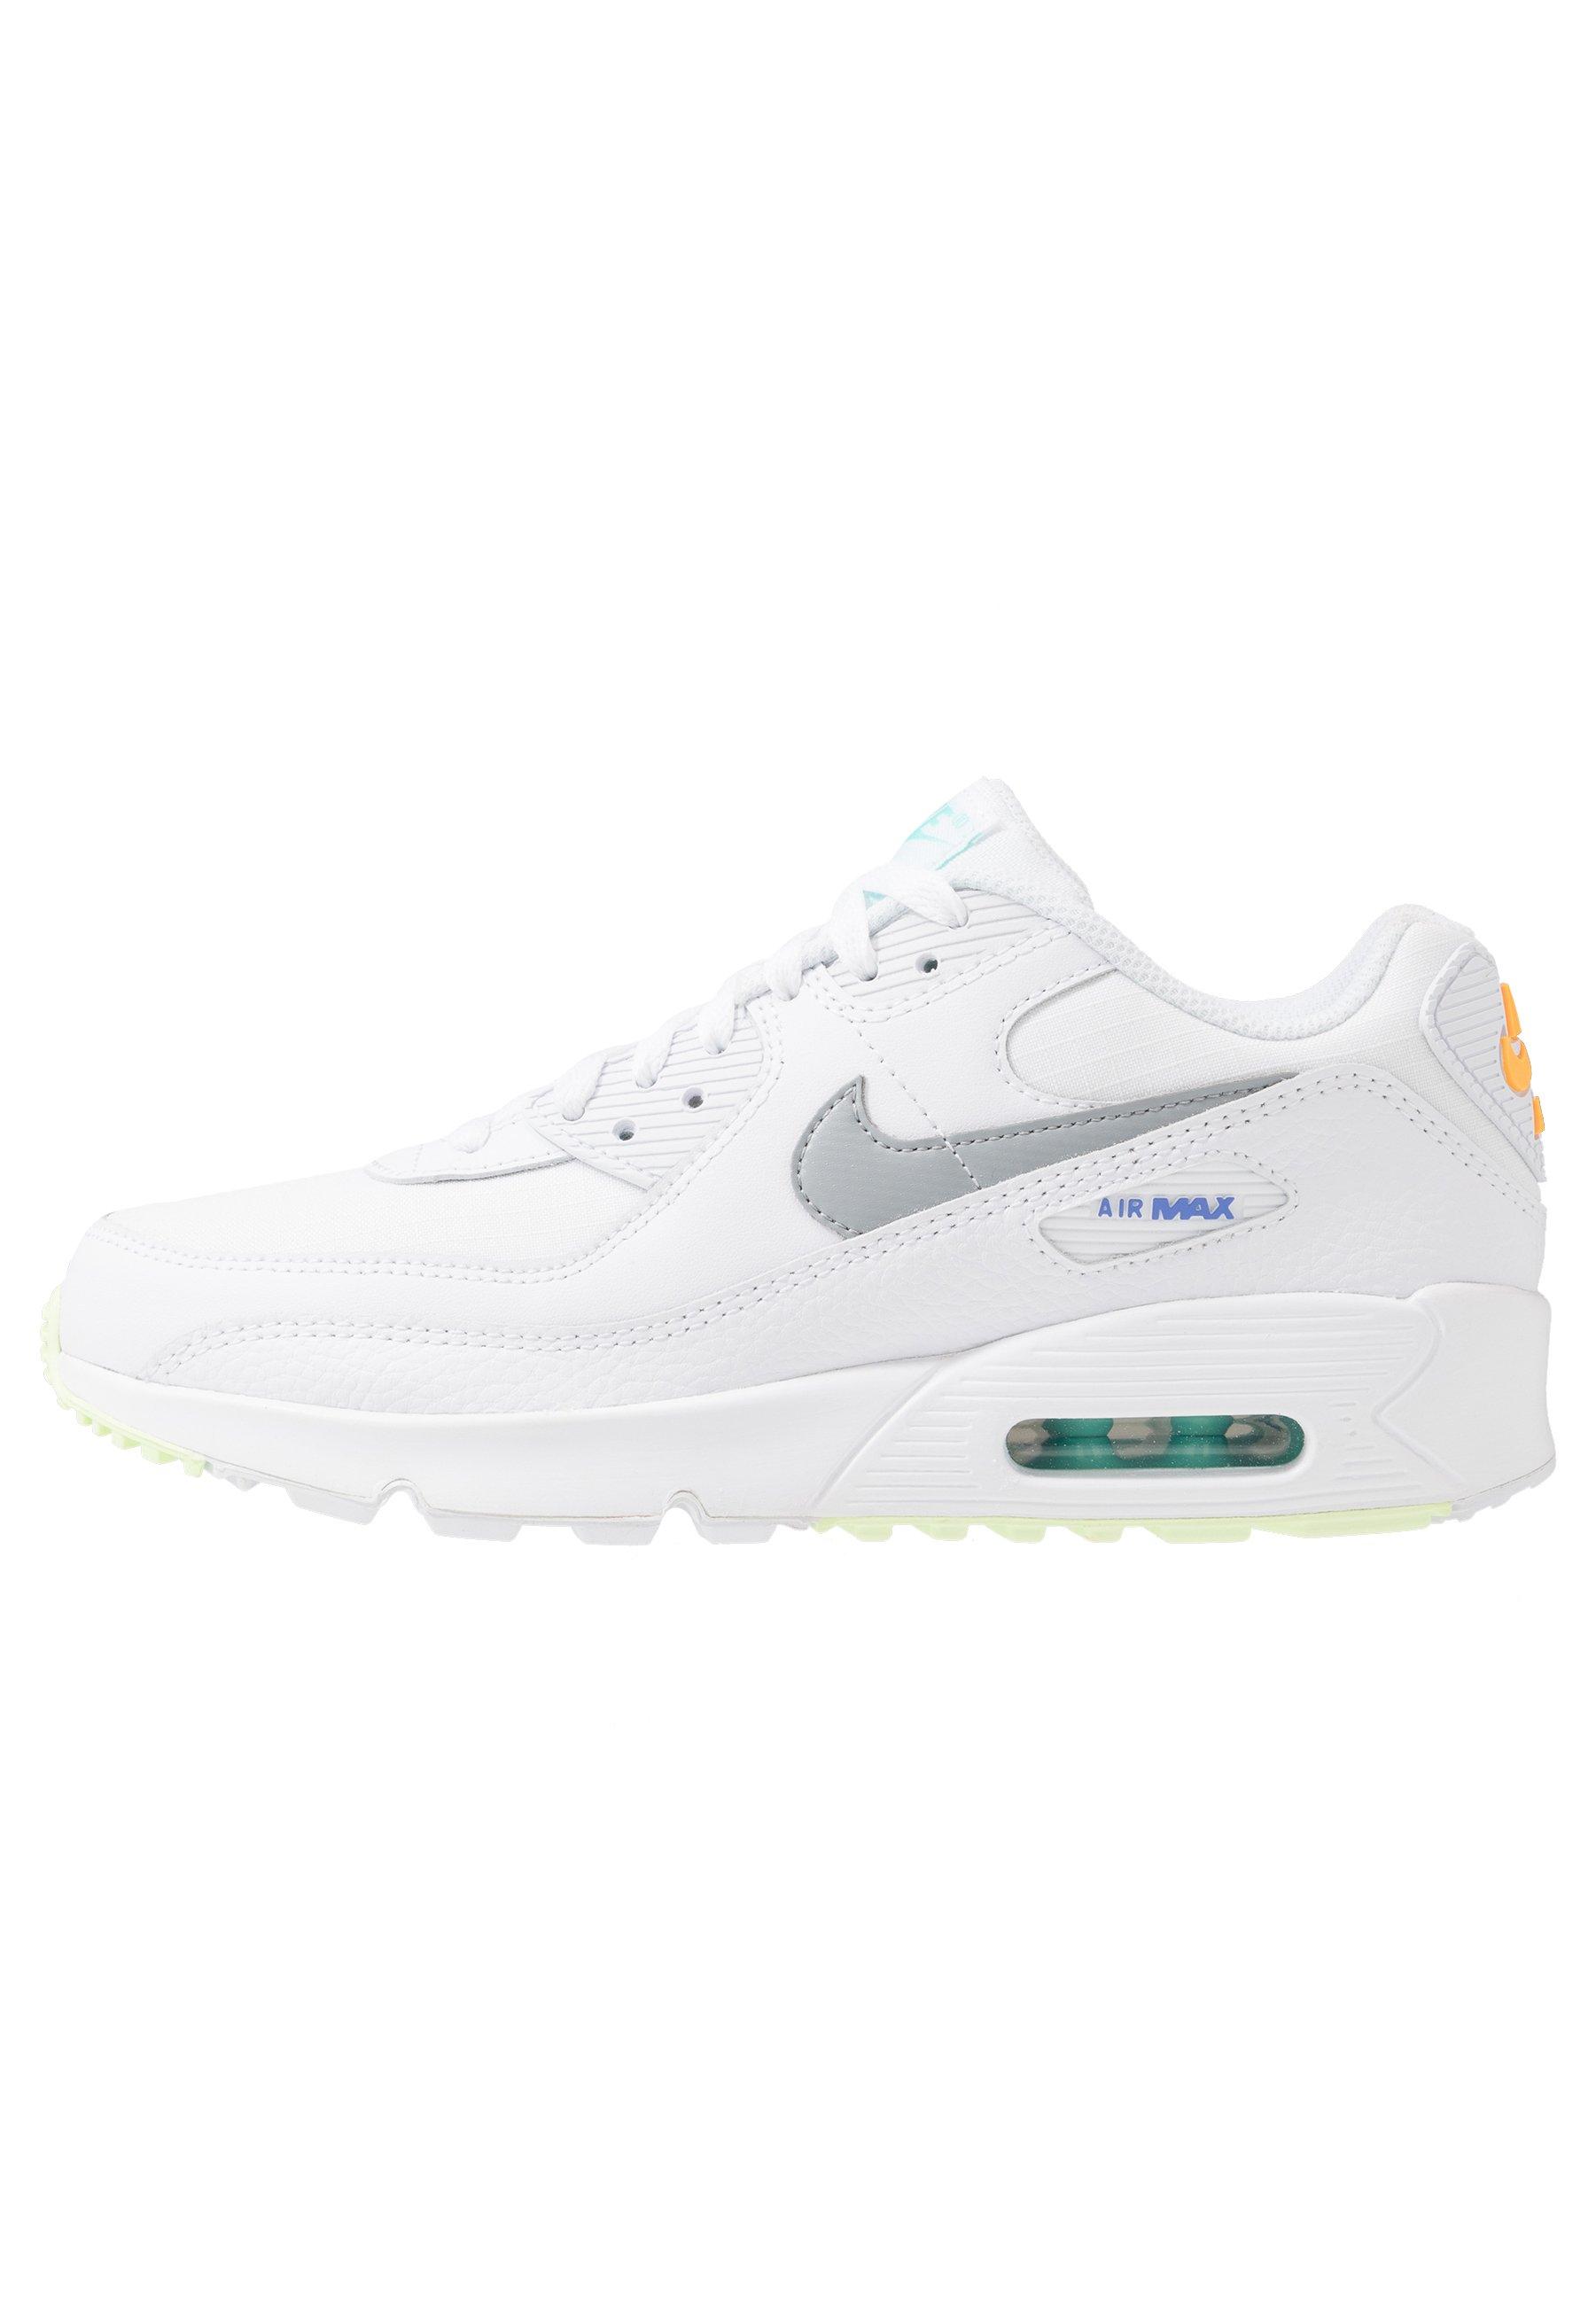 NIKE AIR MAX 90 Sneakers whitelight smoke greylaser orangeaurora greensapphirebarely volt